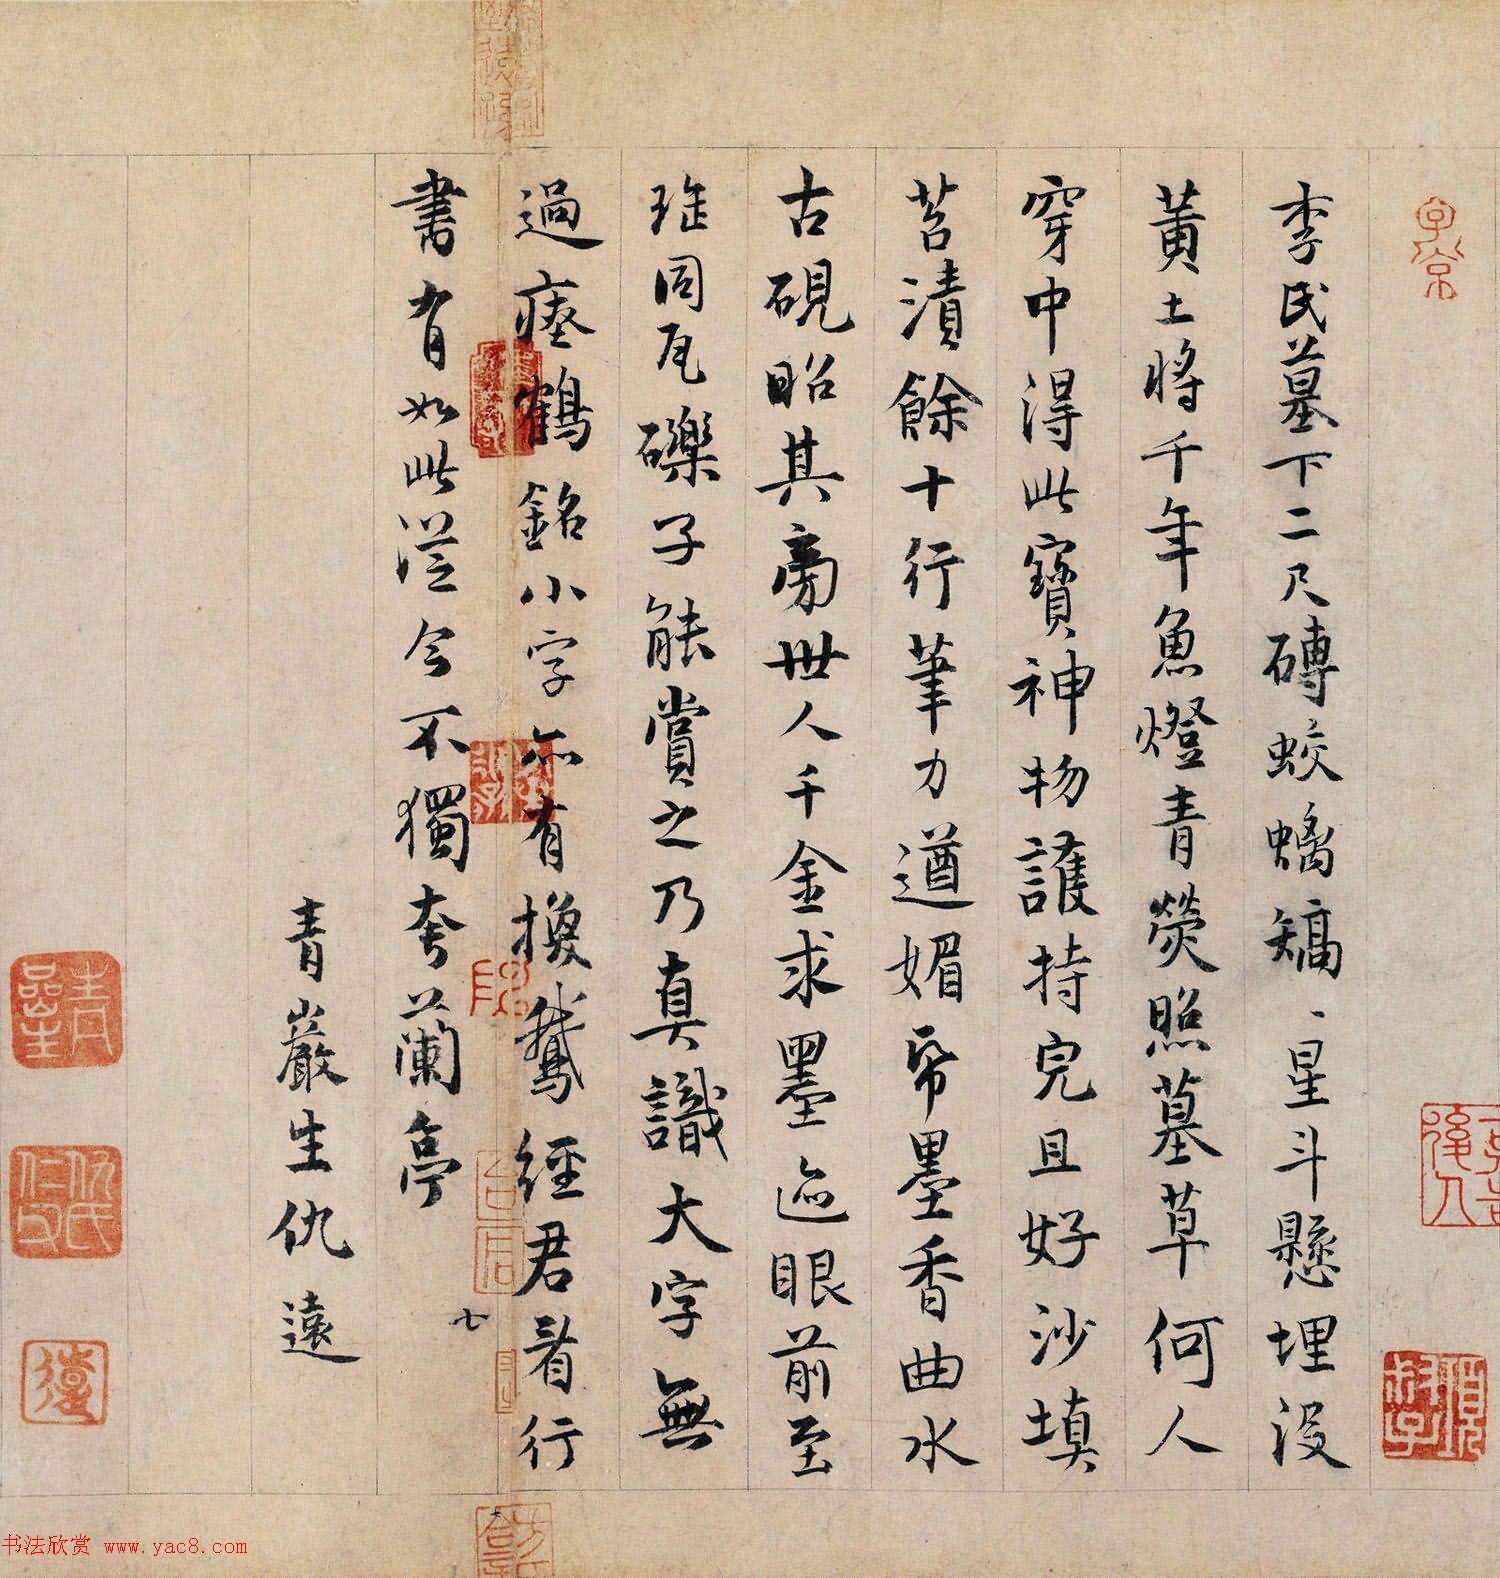 元代仇遠書法題跋王獻之保母磚(共4張圖片)